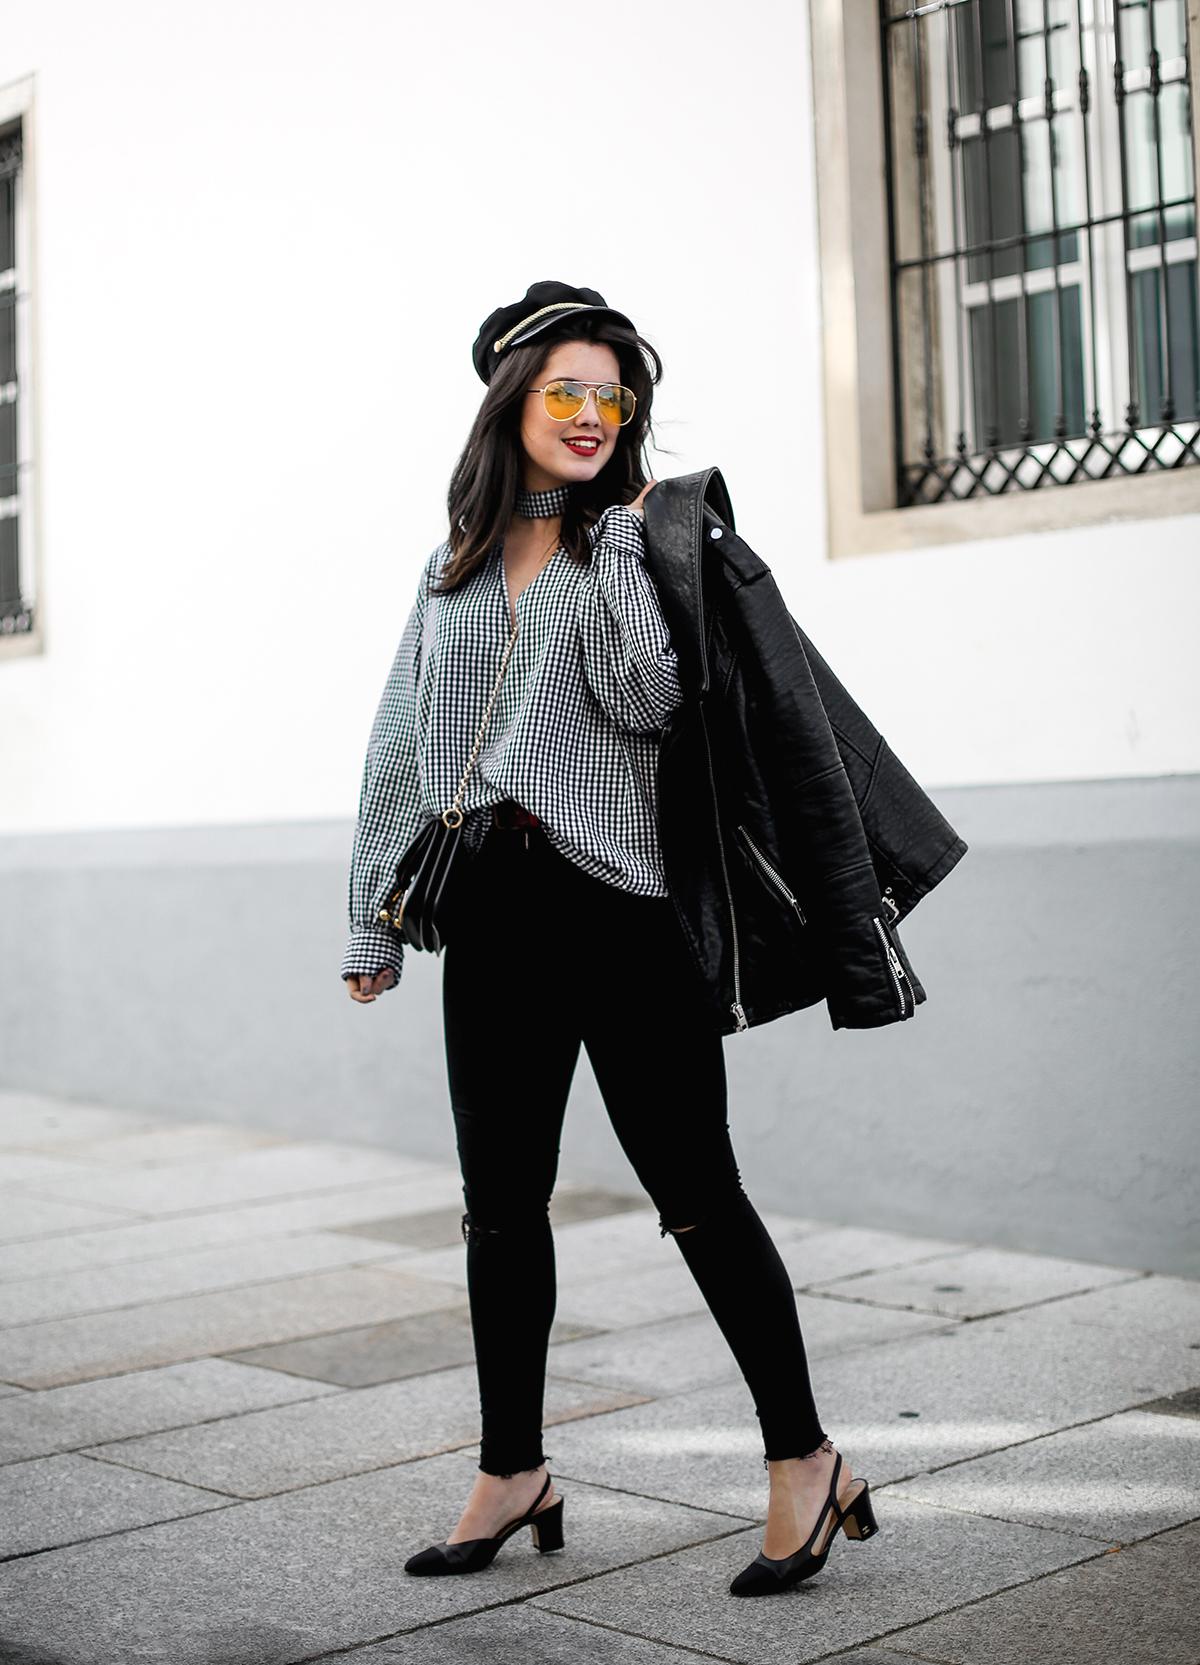 camisa-cuadros-vichy-chanel-slingback-pierce-bag-jw-anderson-myblueberrynightsblog4